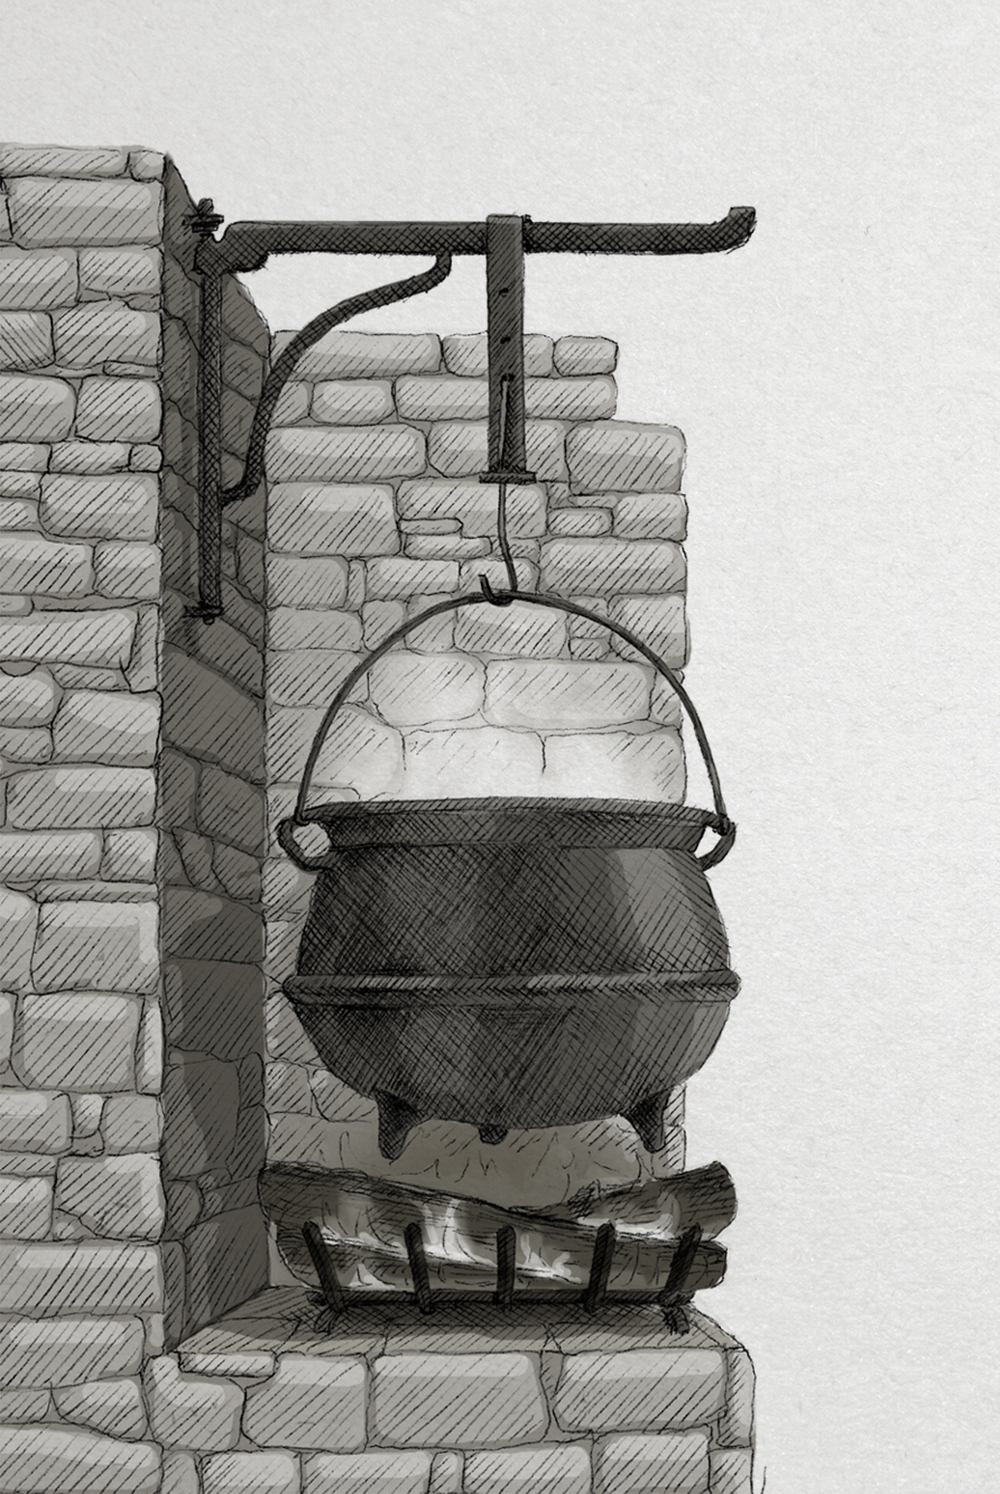 kettle_web.jpg